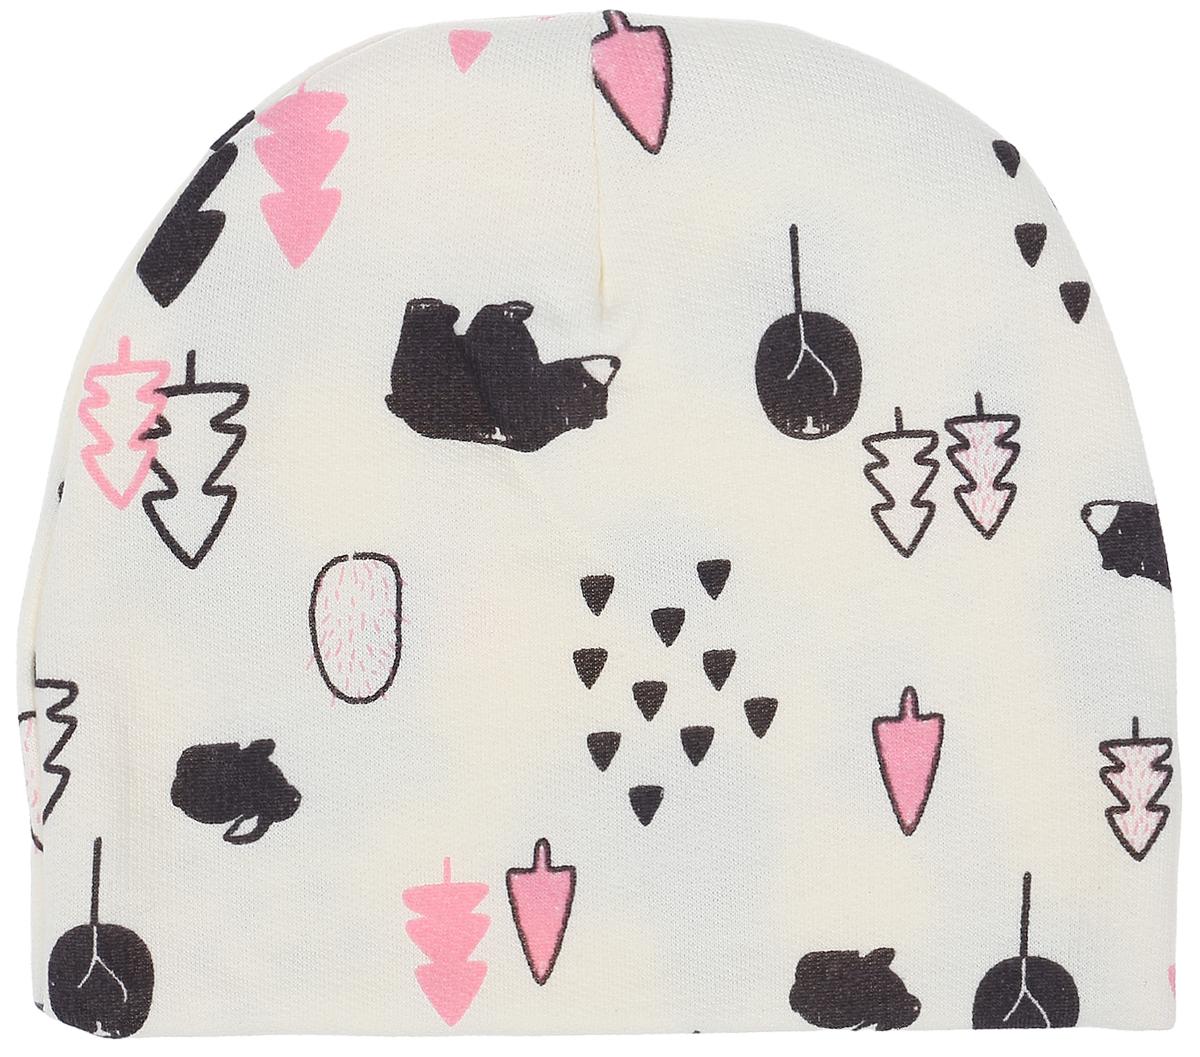 Шапочка для девочки КотМарКот, цвет: молочный, розовый. 8517. Размер 448517Комфортная шапочка КотМарКот изготовлена из натурального хлопка. Шапочка необходима любому младенцу, она защищает еще не заросший родничок, щадит чувствительный слух малыша, прикрывая ушки, а также предохраняет от теплопотери. Модель оформлена принтом.